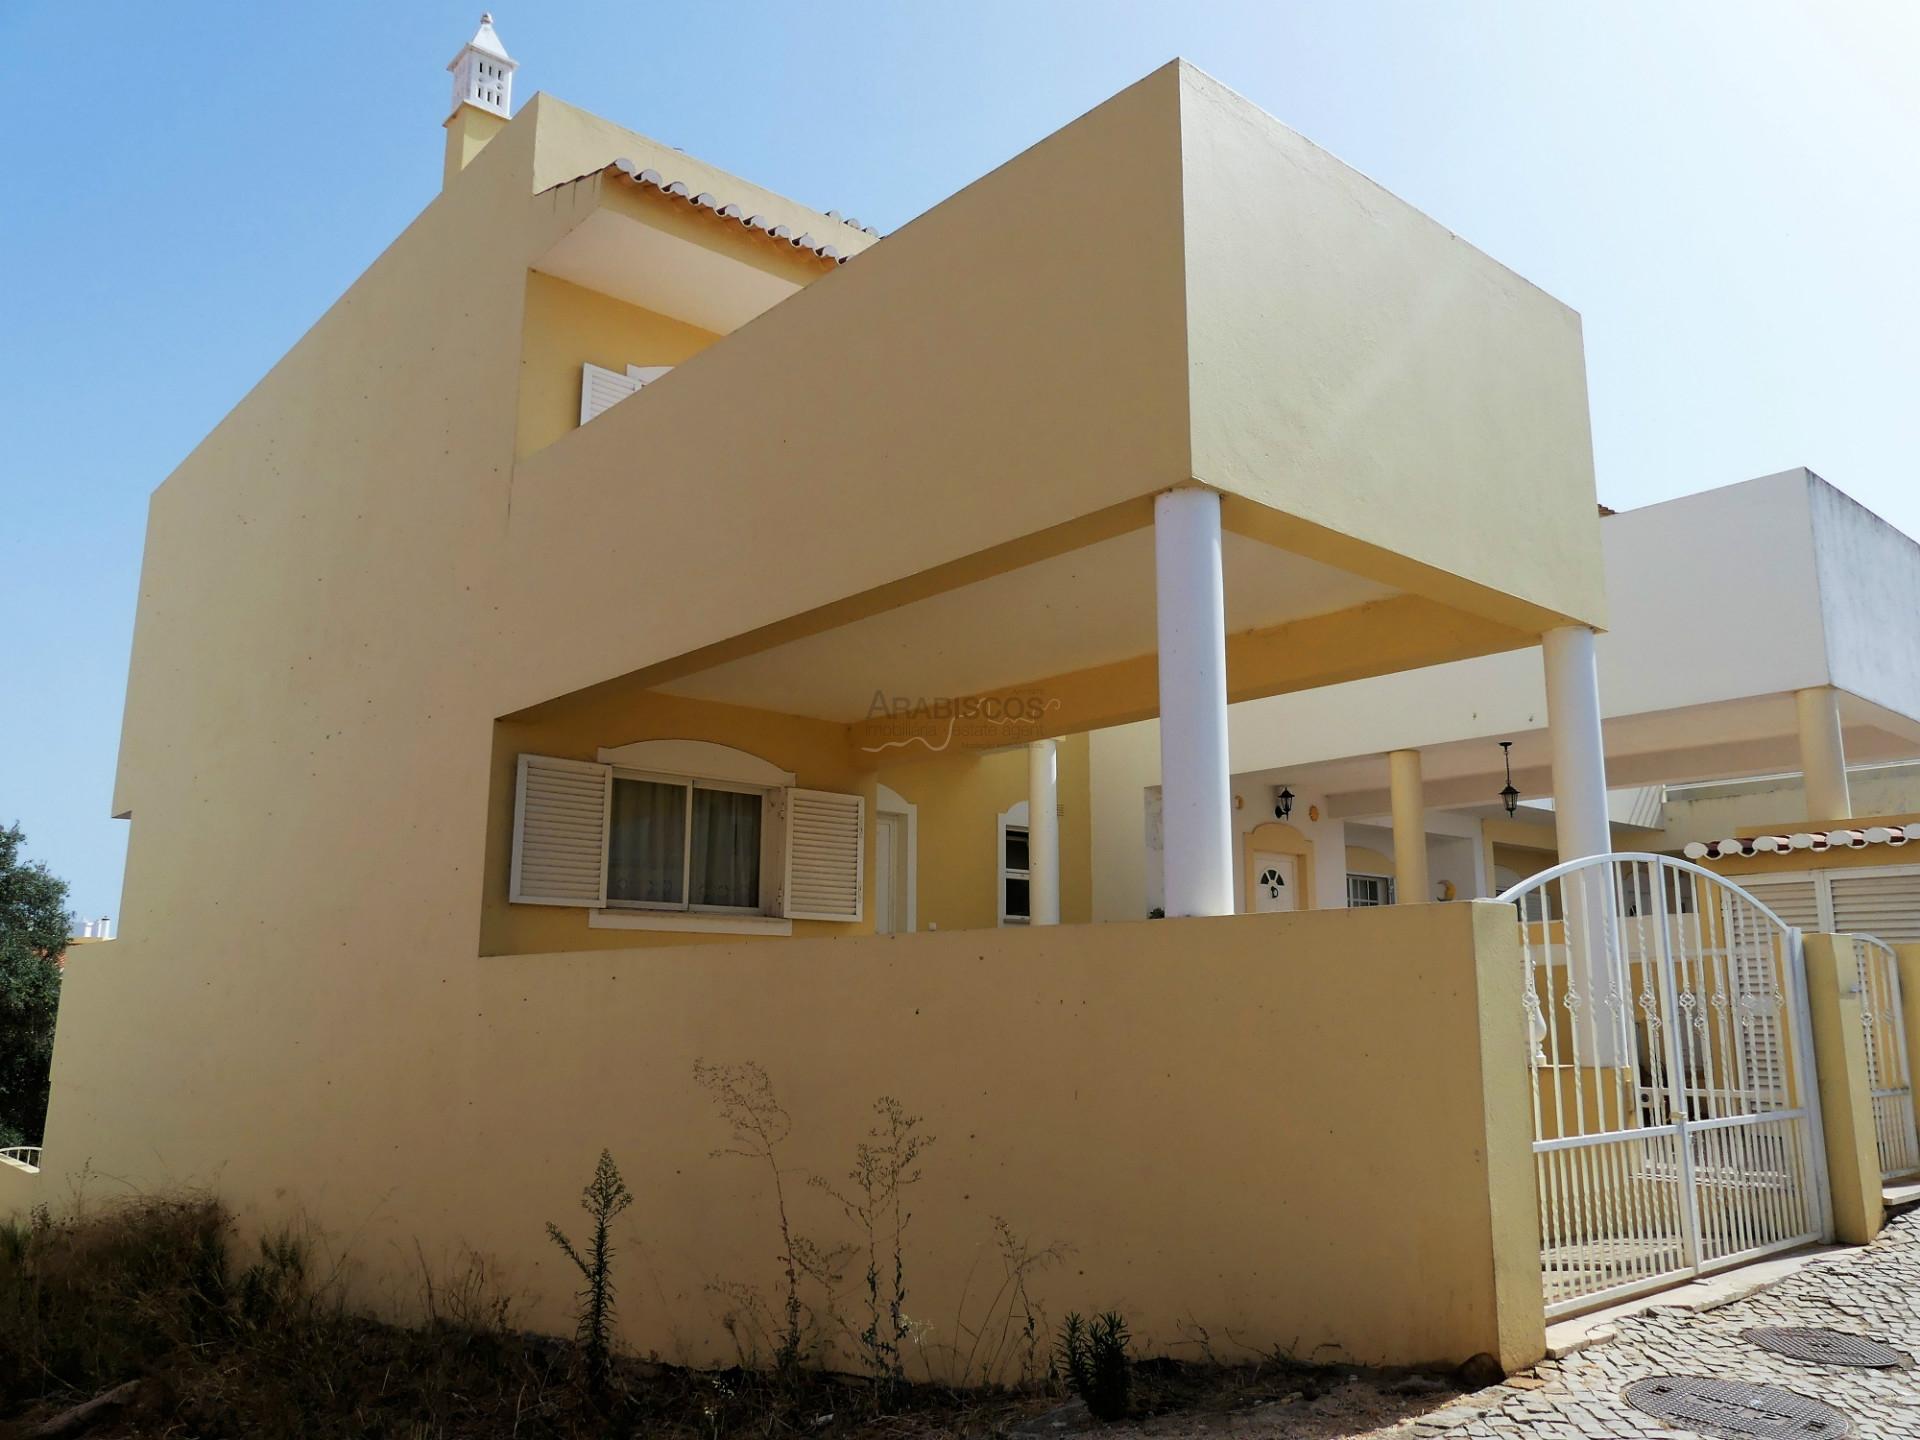 Maison T4 - Garage 2 voitures - Terrasses - Penderies encastrées - Sesmarias - Algarve